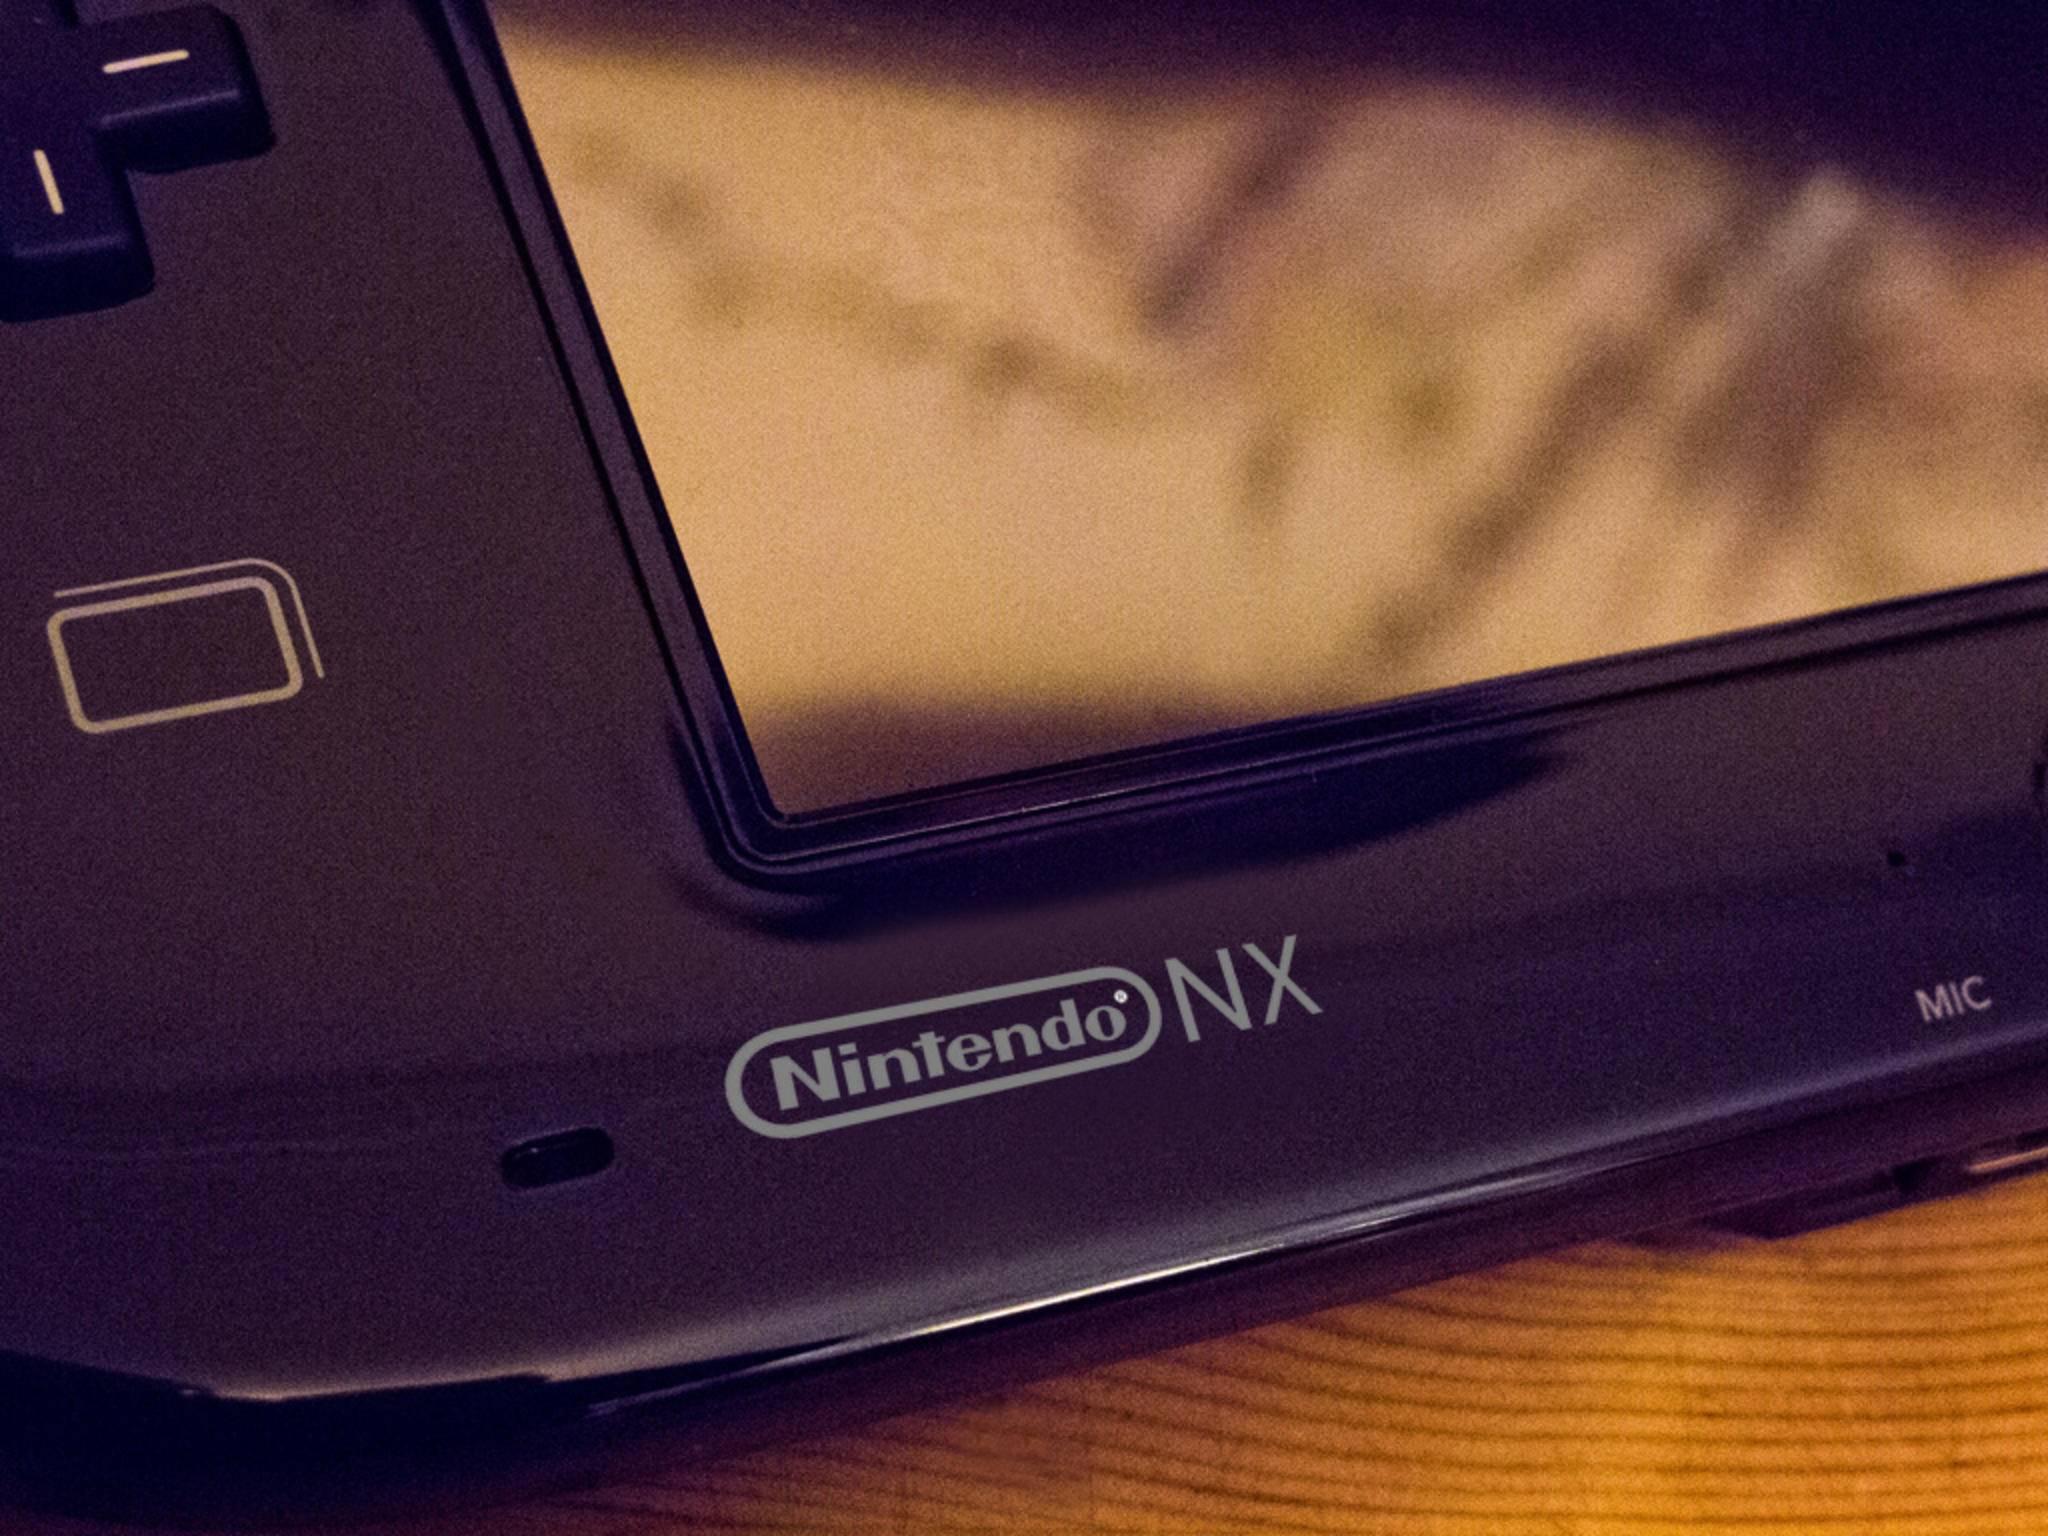 Die Nintendo NX wird wohl erst im September auf der Tokyo Game Show vorgestellt.